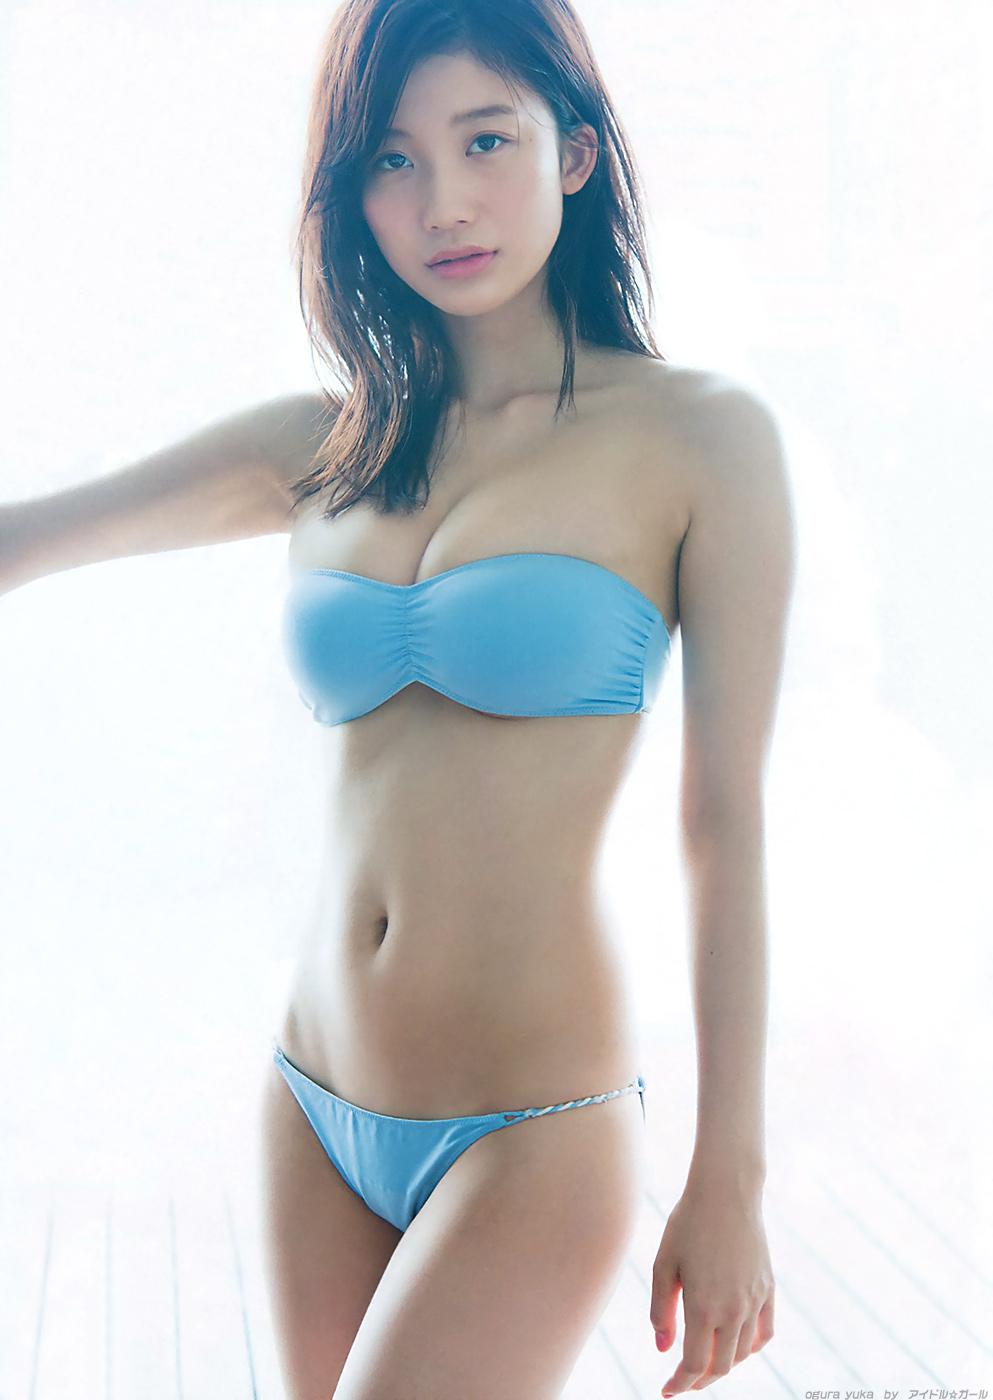 image http://scanlover.com/assets/images/47-8Uh3Vs99EWdWHxae.jpeg